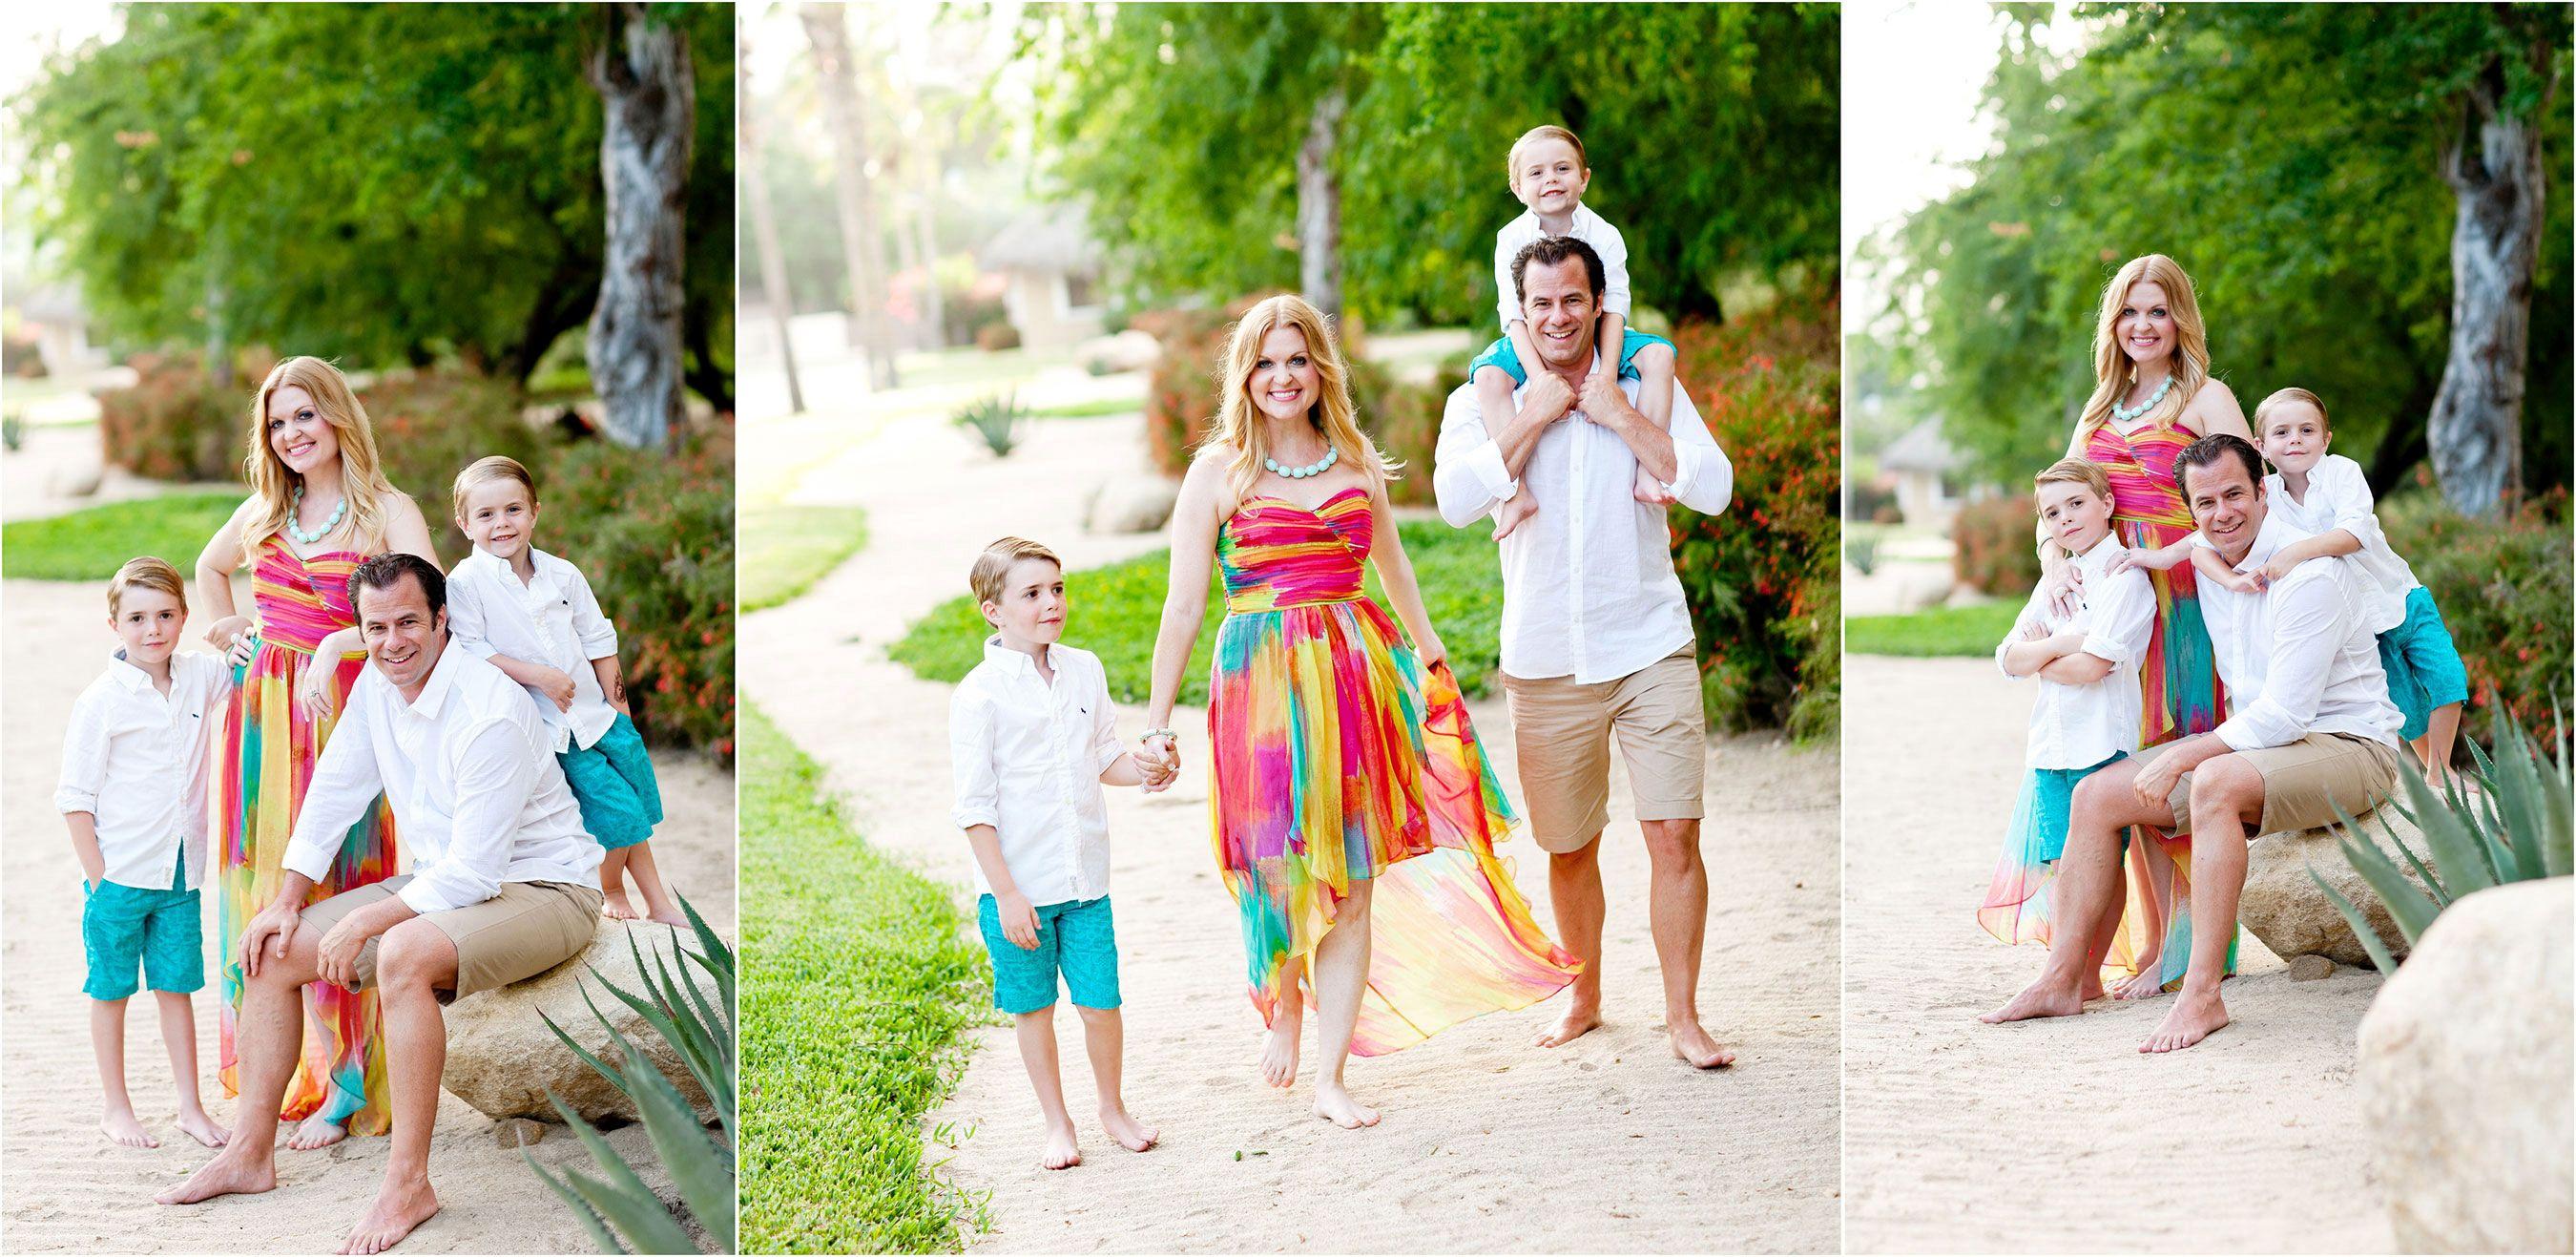 colorful-cabo-san-lucas-family-portrait-session-0001